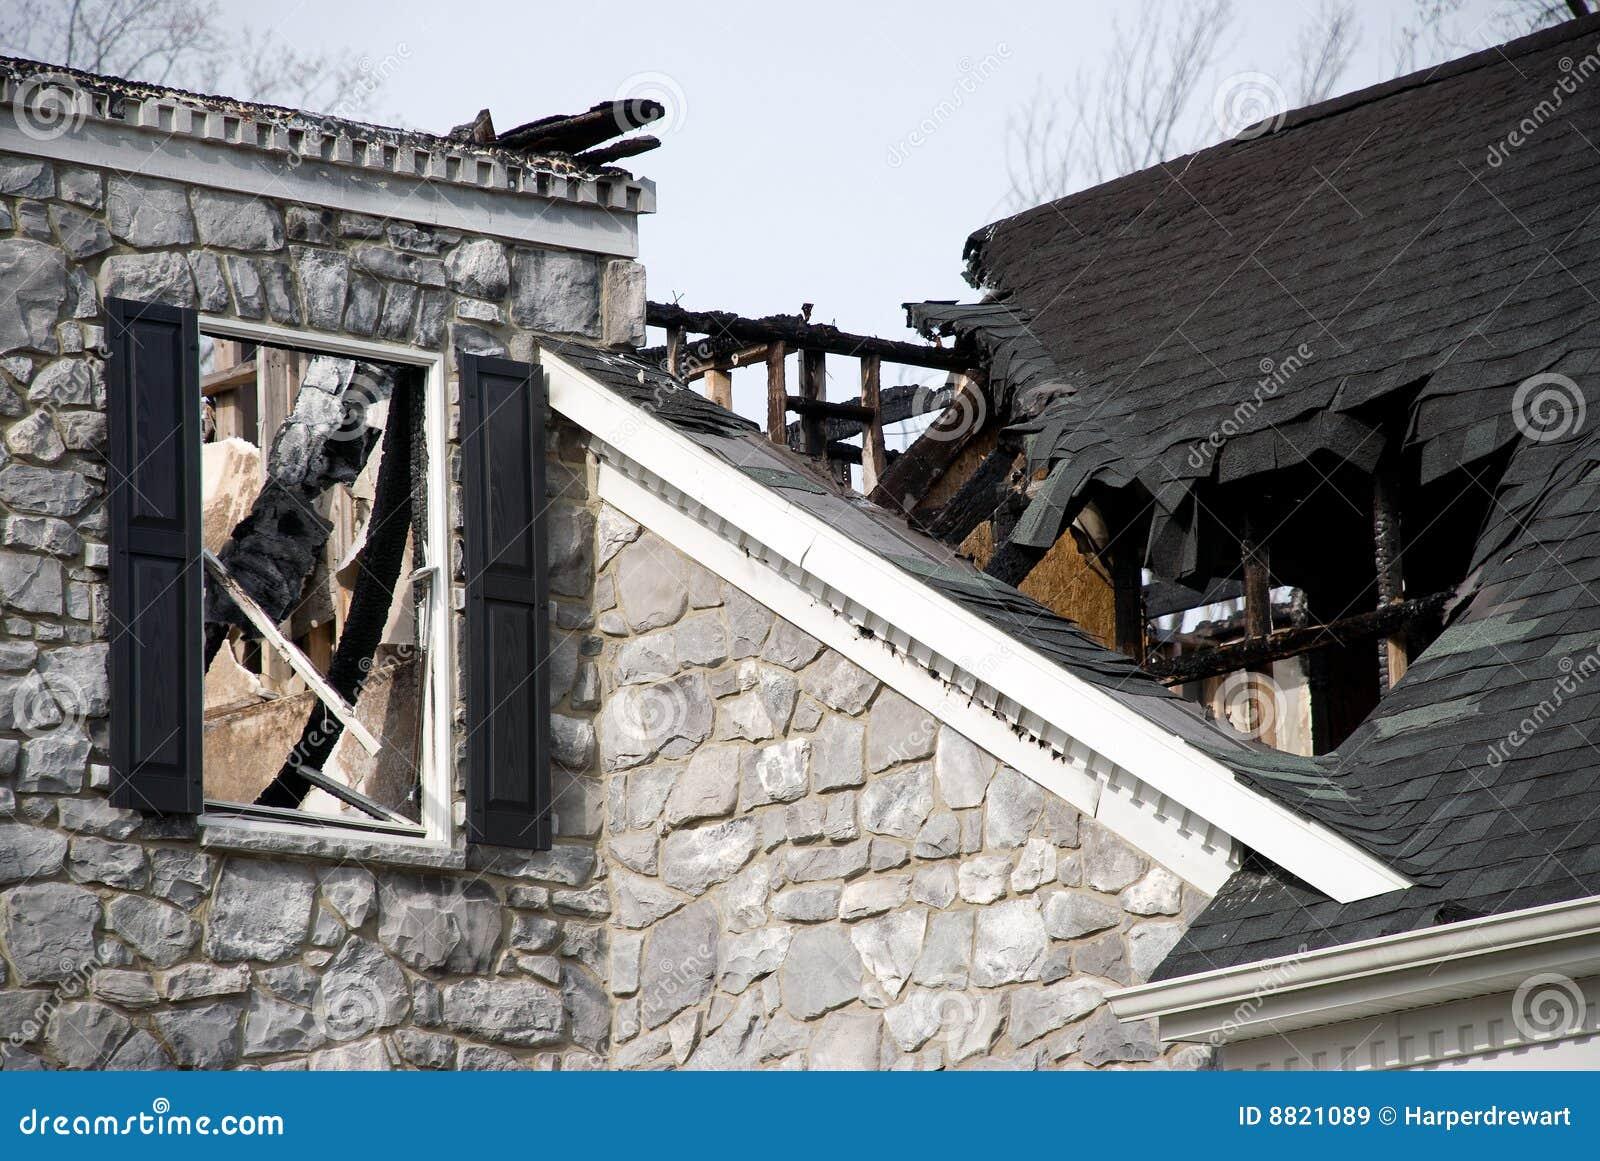 De Schade van de Brand van het Huis van de luxe